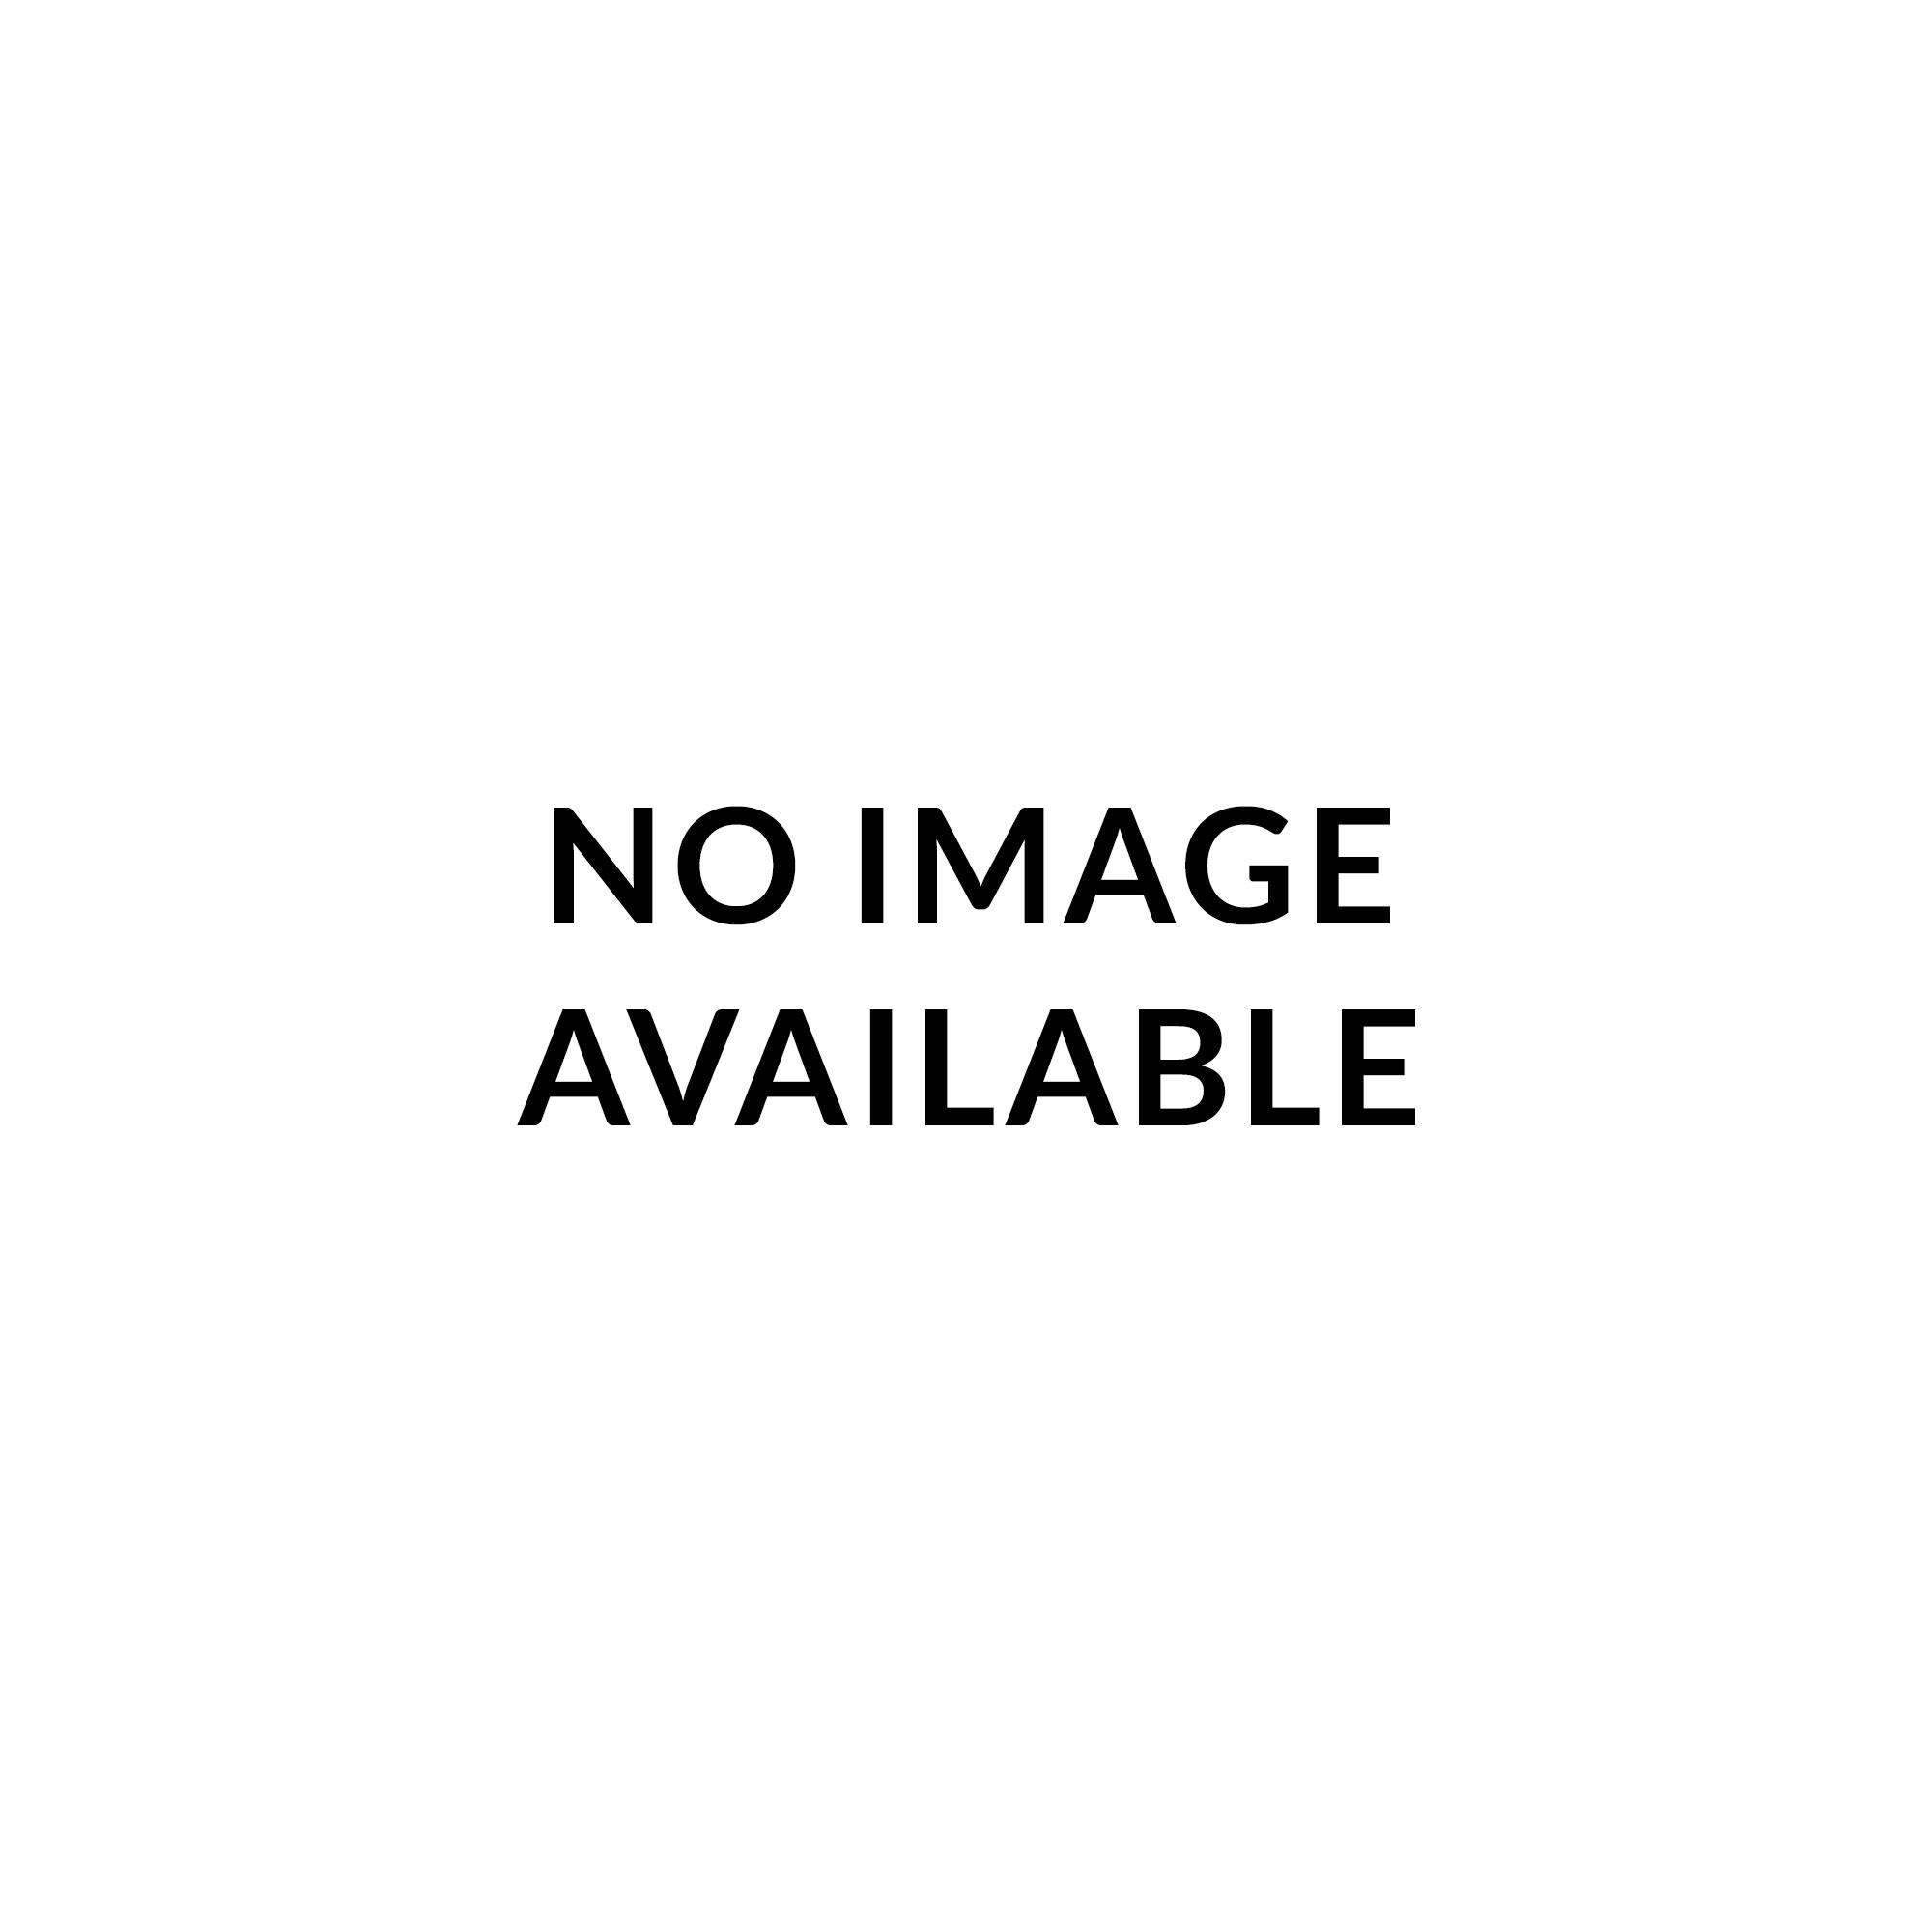 """Gibson Guitars Stool - Genuine 24"""" Logo Vinyl Black & White Bar Stool"""